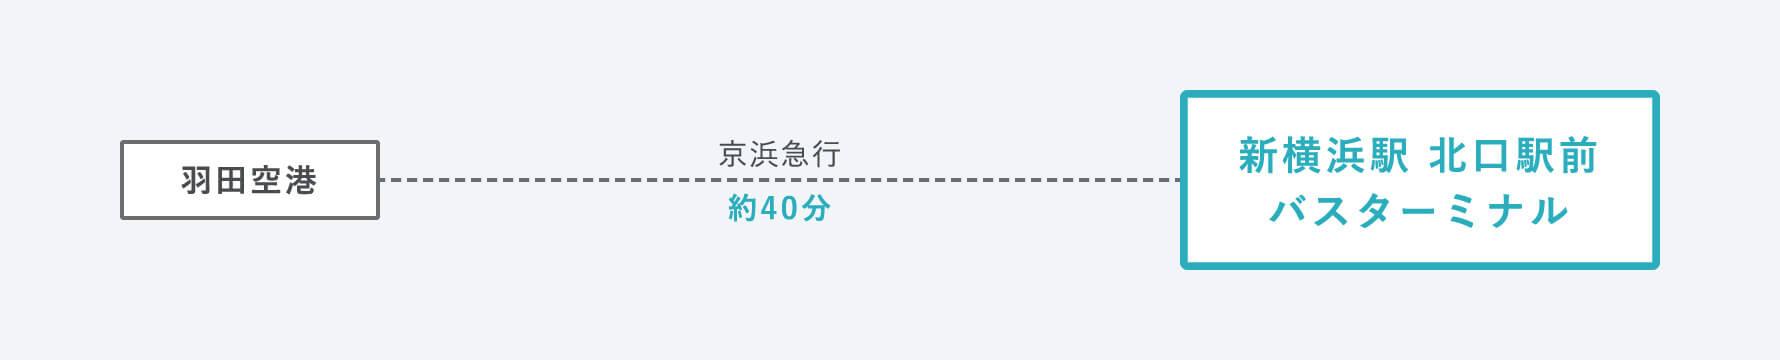 新横浜駅北口駅前バスターミナルまでの想定時間